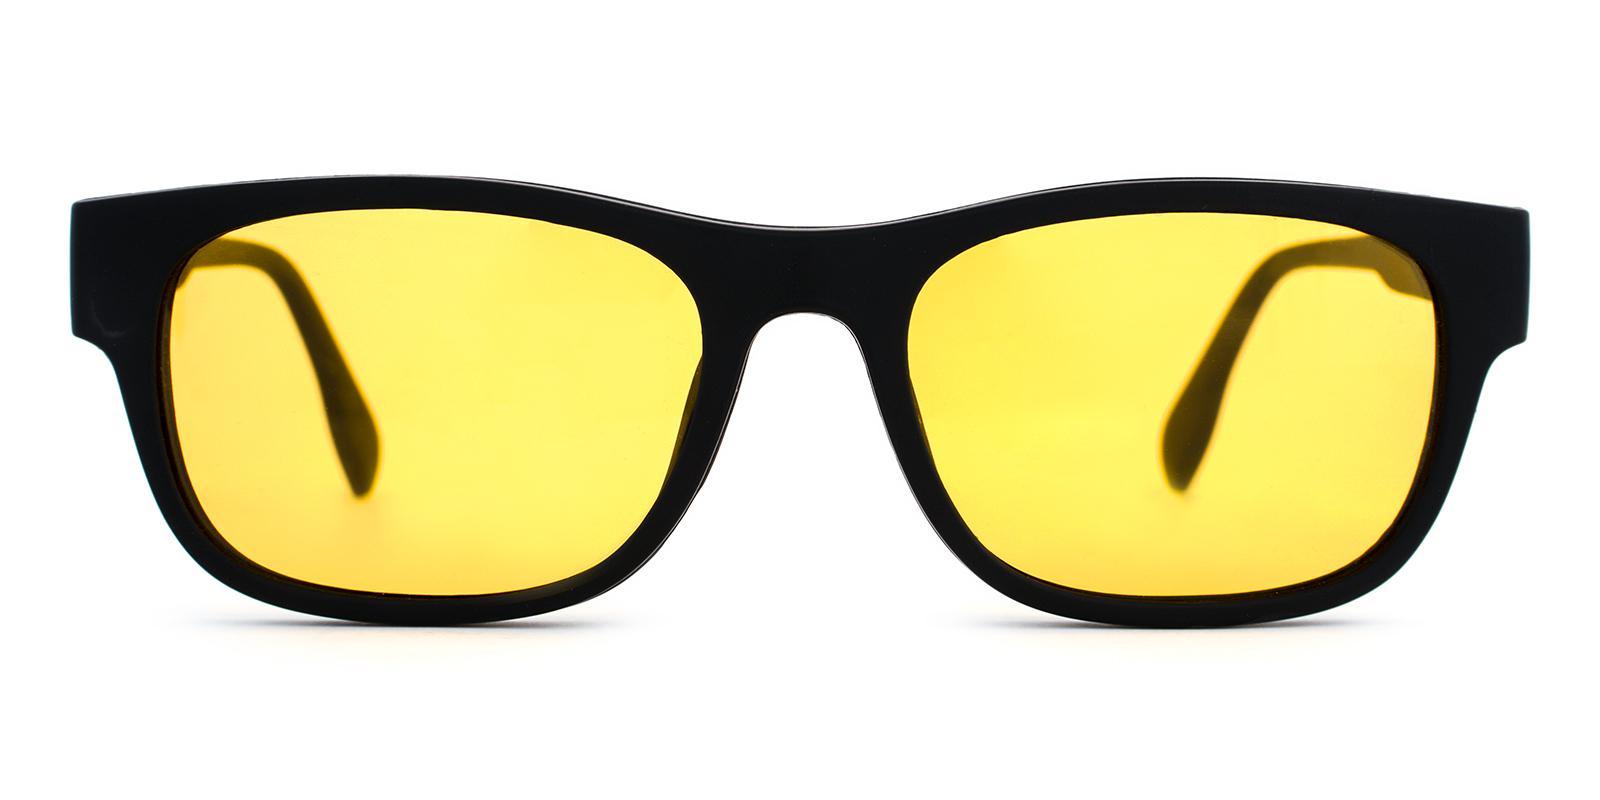 Aruba Black TR Eyeglasses , UniversalBridgeFit Frames from ABBE Glasses